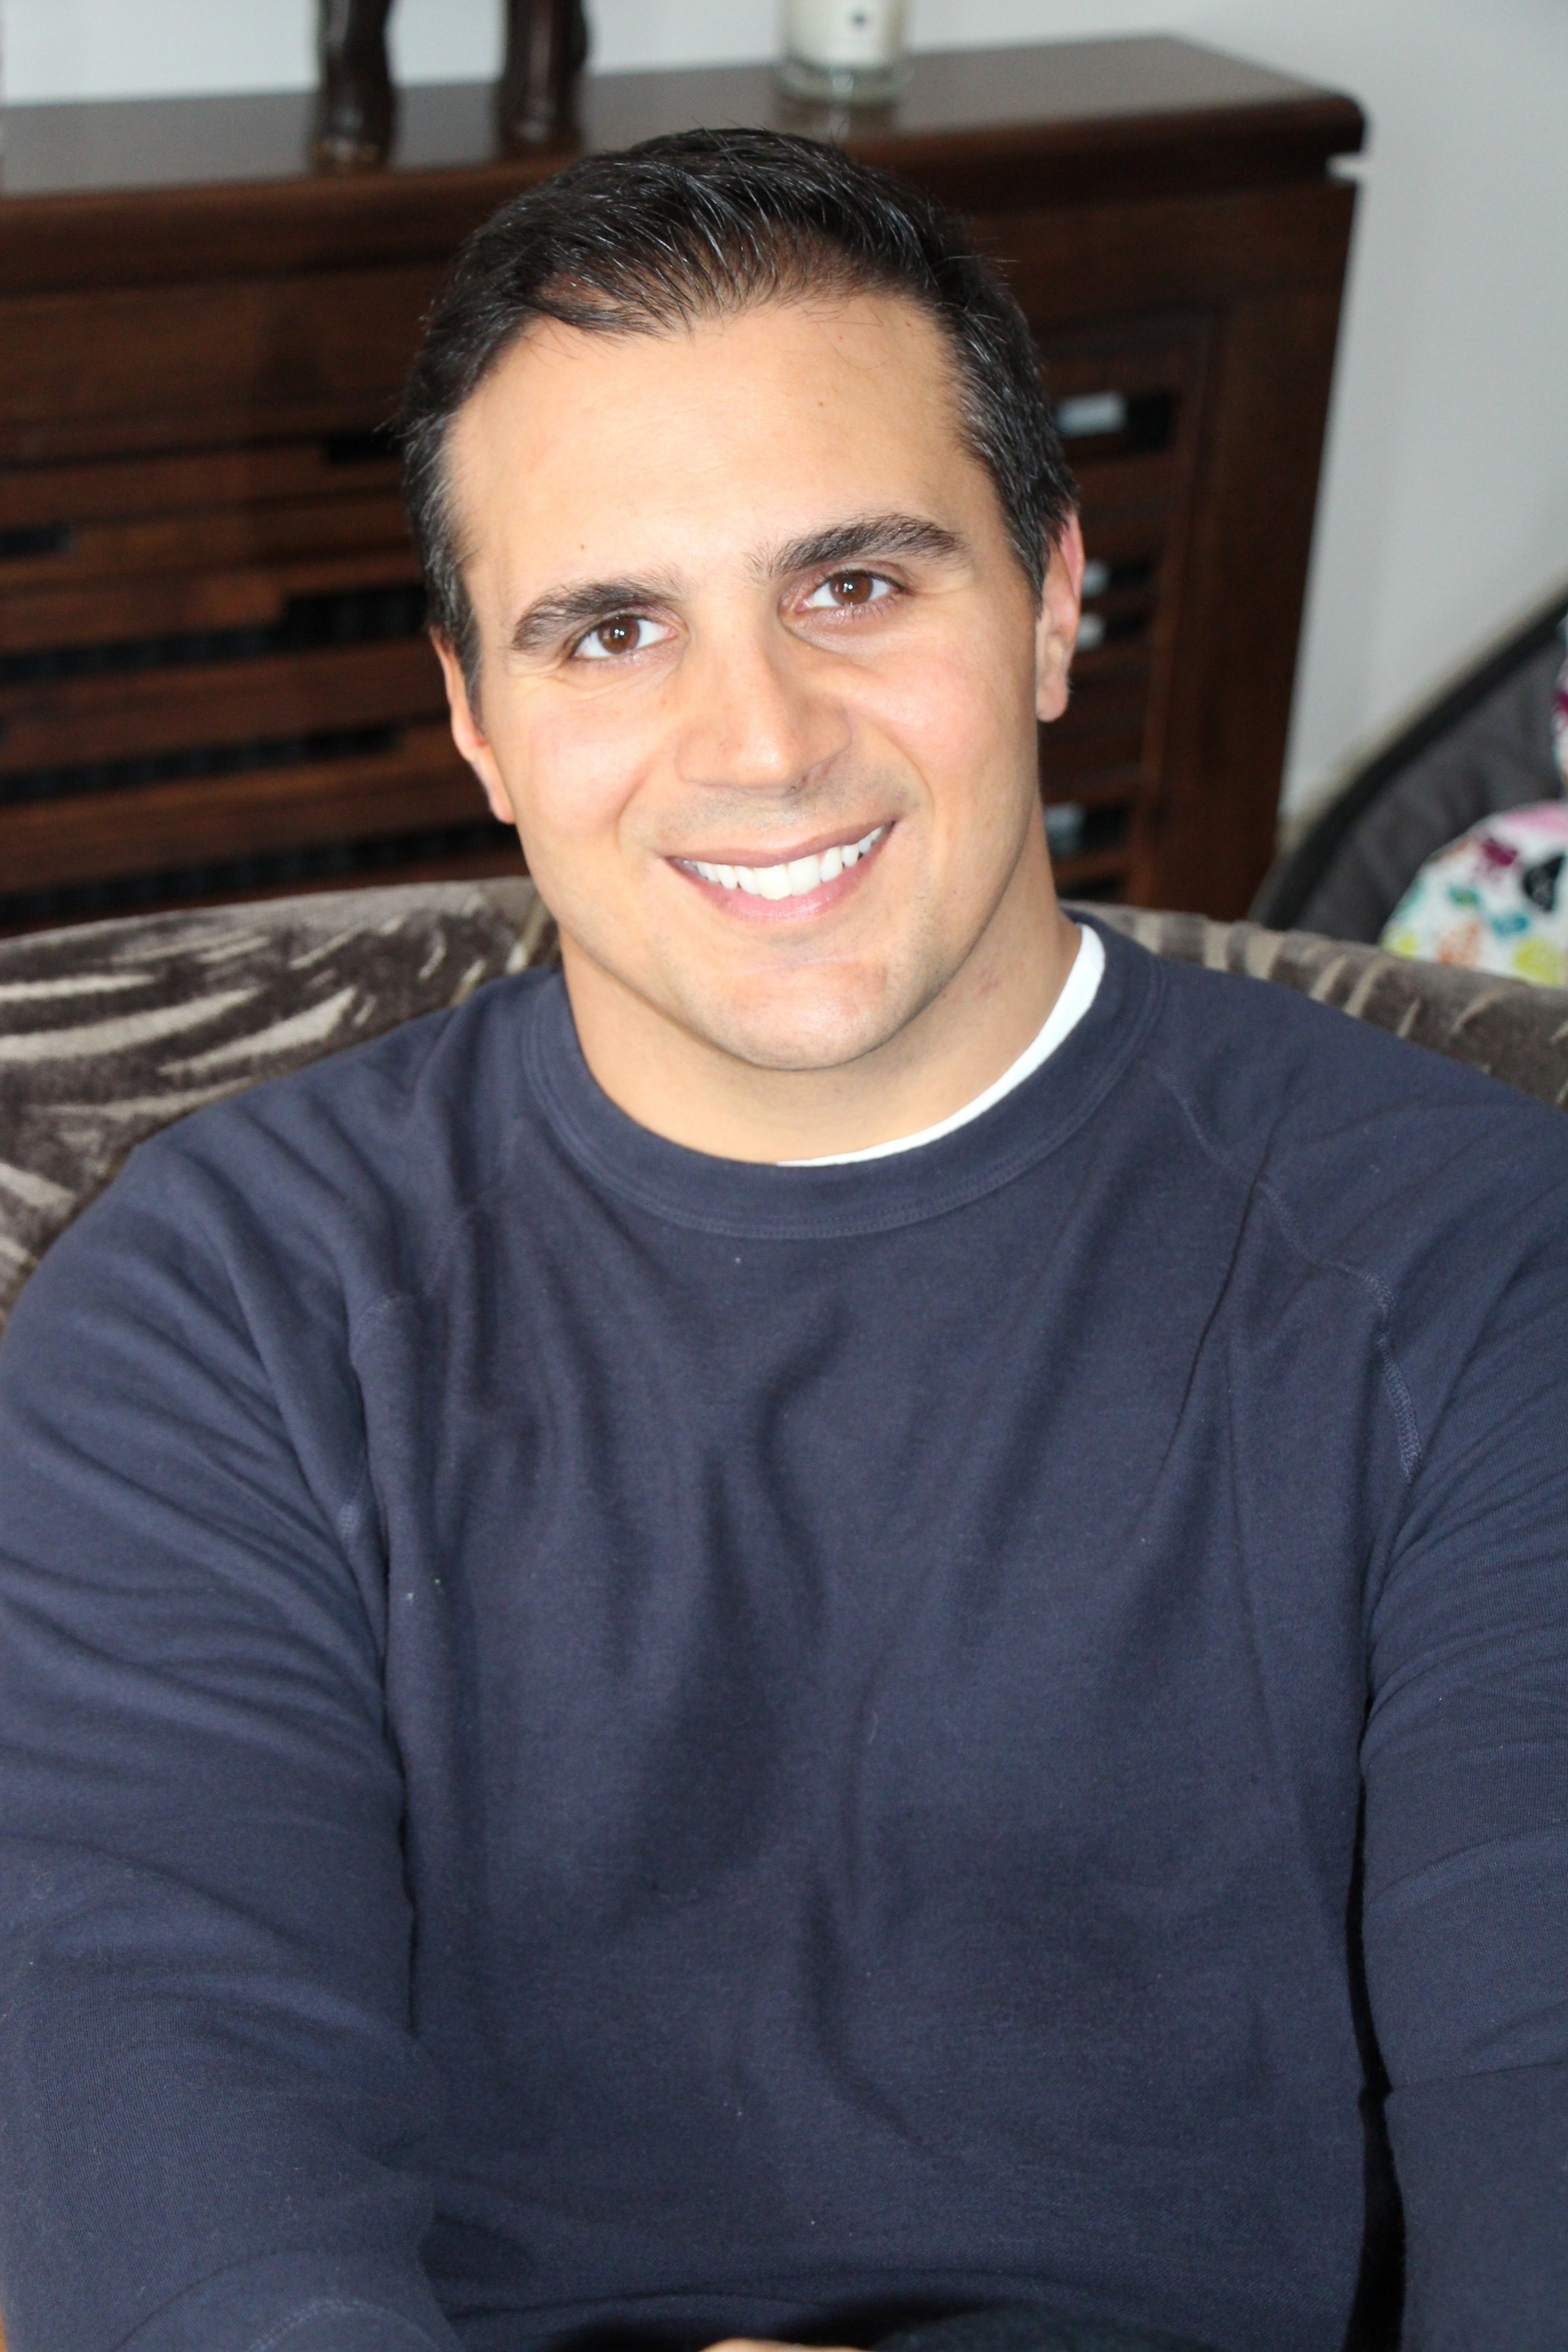 David Elghanayan